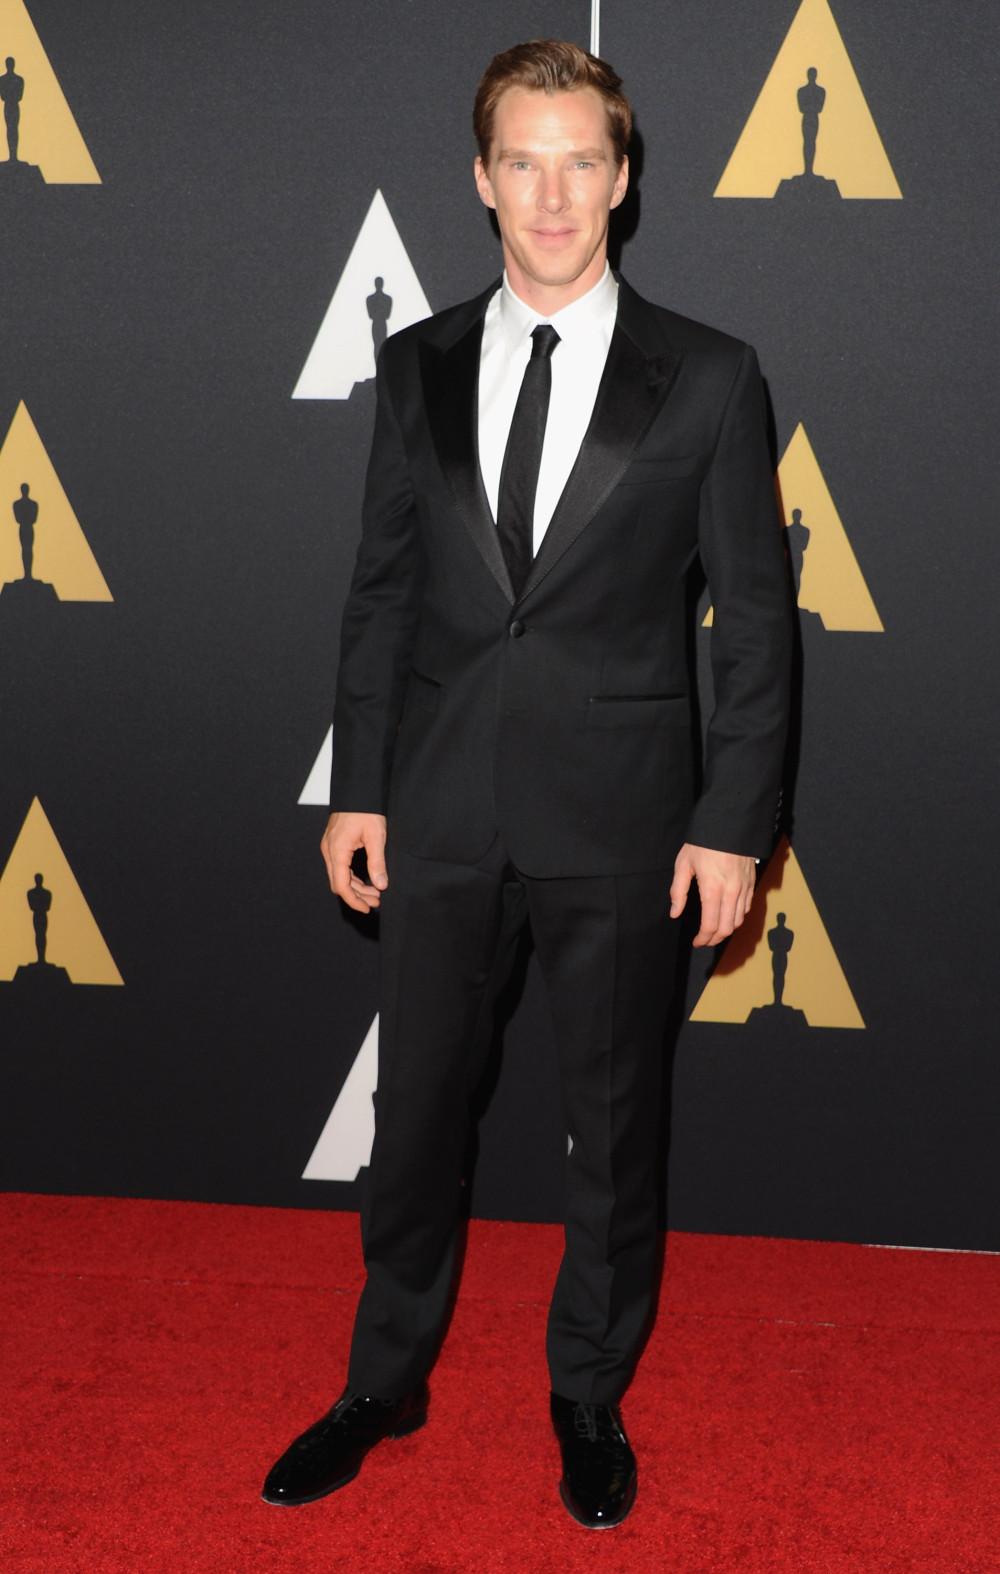 Benedict Cumberbatch é, provavelmente, o homem mais elegante da atualidade. É praticamente impossível vermos ele mal vestido. É só ver quantas vezes ele já passou por aqui. Dito isso, precisamos comentar o seu figurino dessa vez?